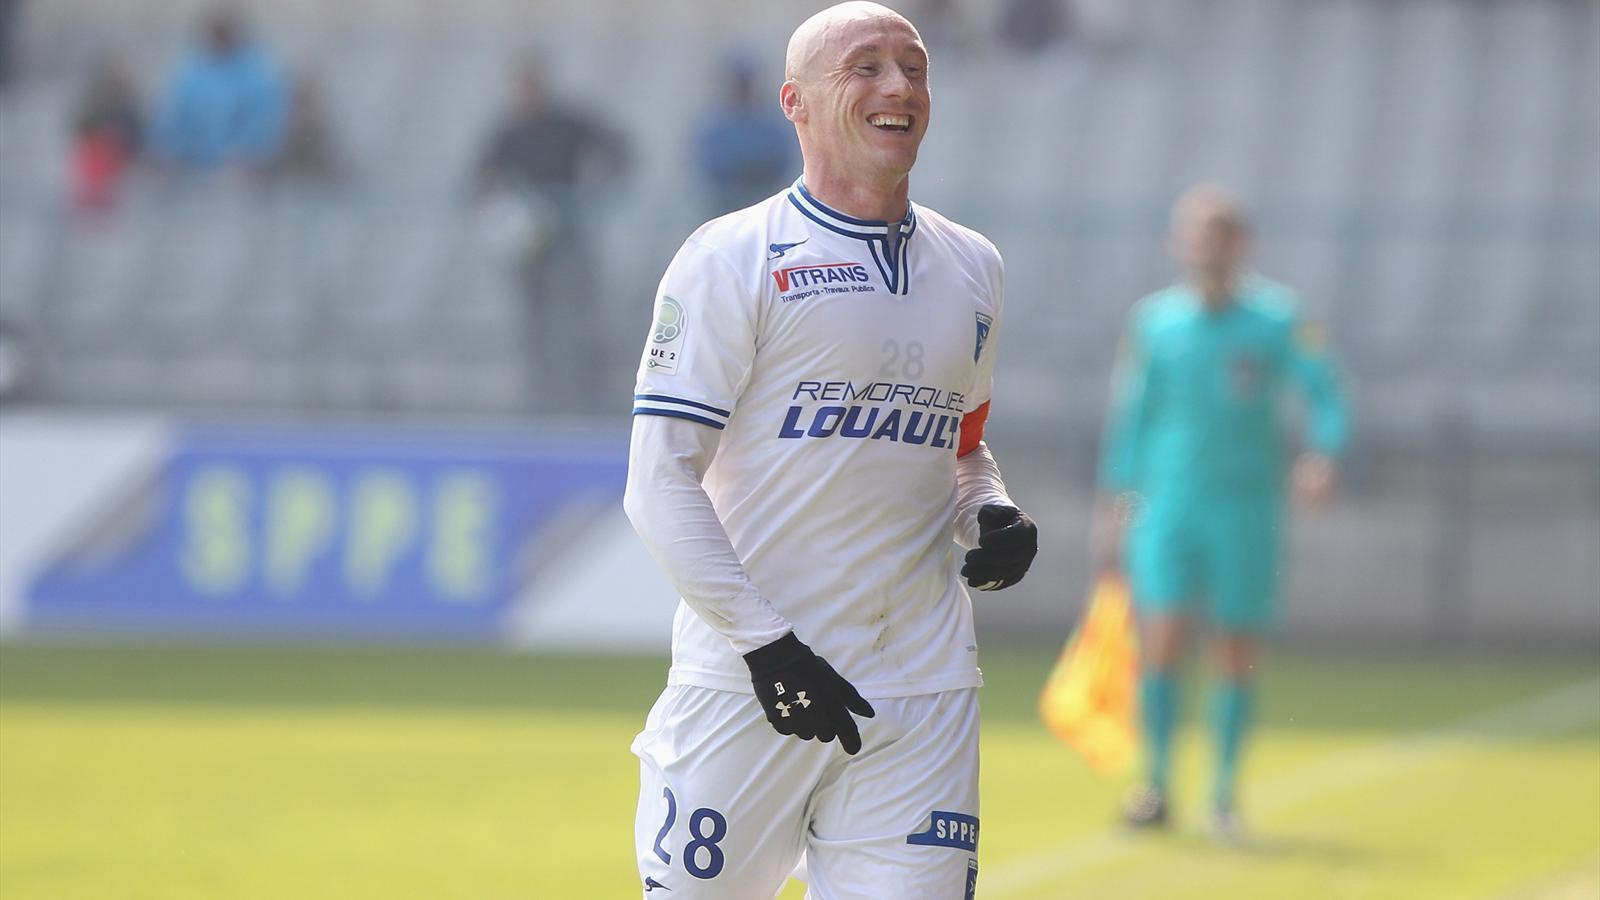 Ligue 2 apr s la finale de la coupe de france auxerre - Finaliste coupe de france europa ligue ...